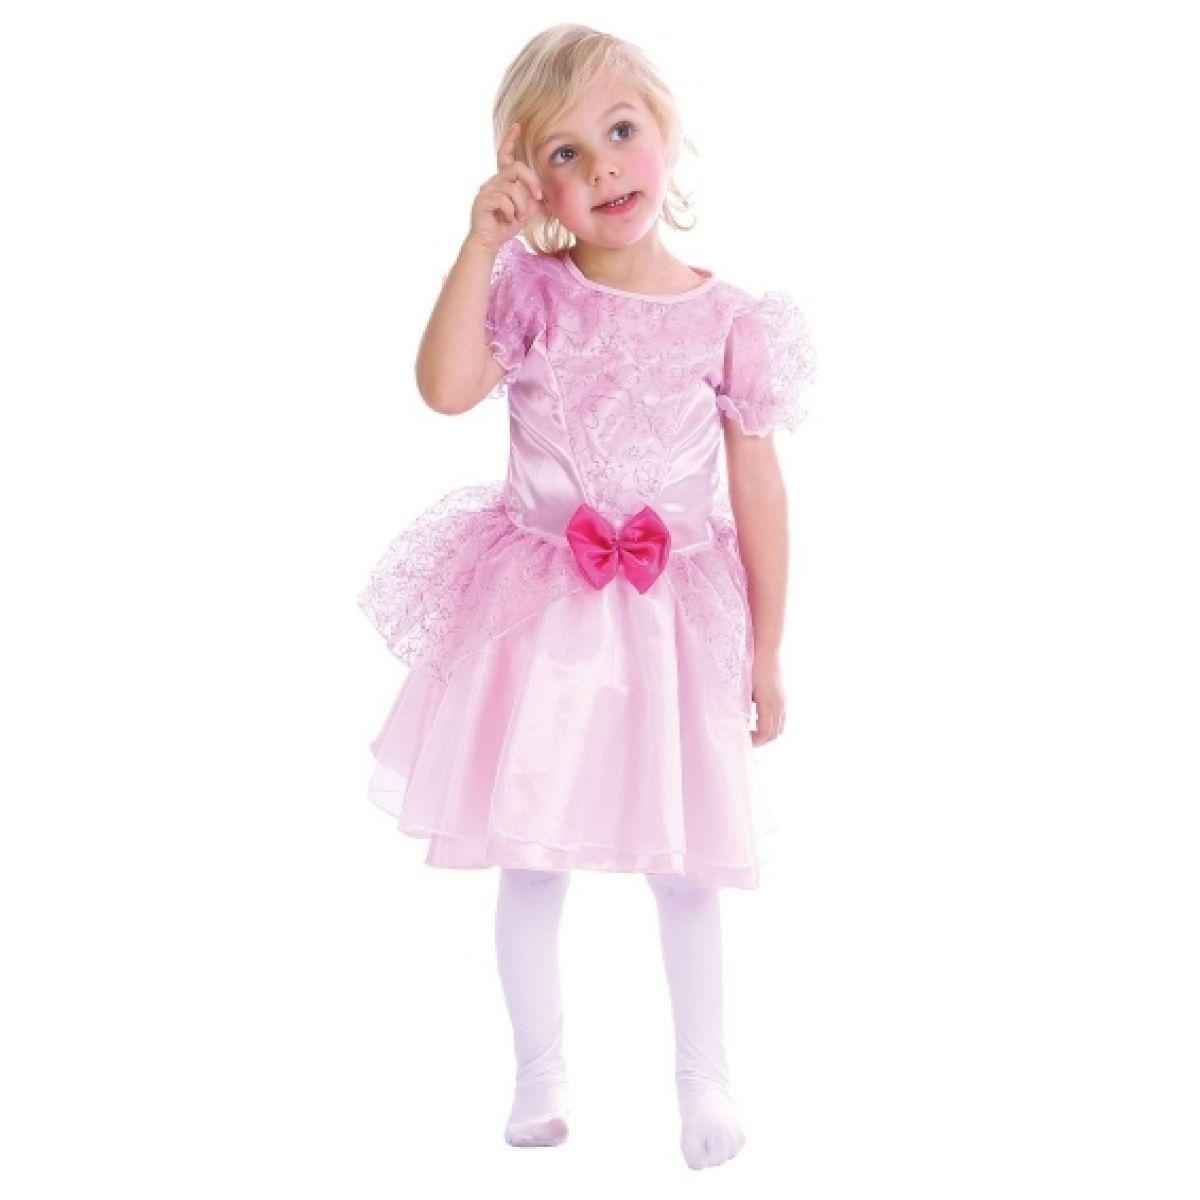 Made Dětský kostým Princezna růžová vel. XS